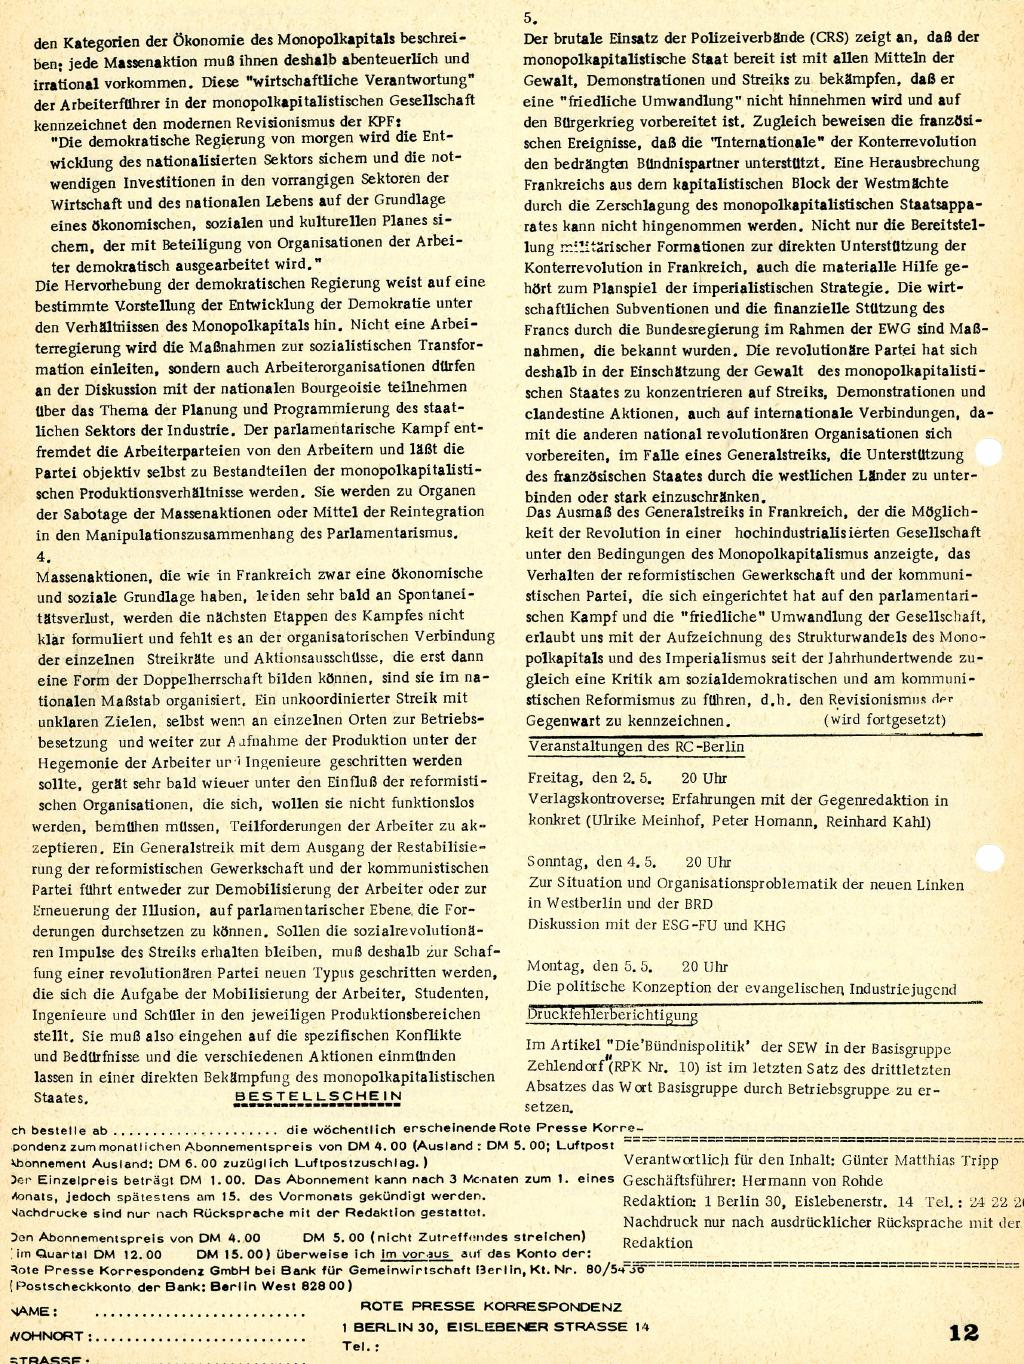 RPK_1969_011_12